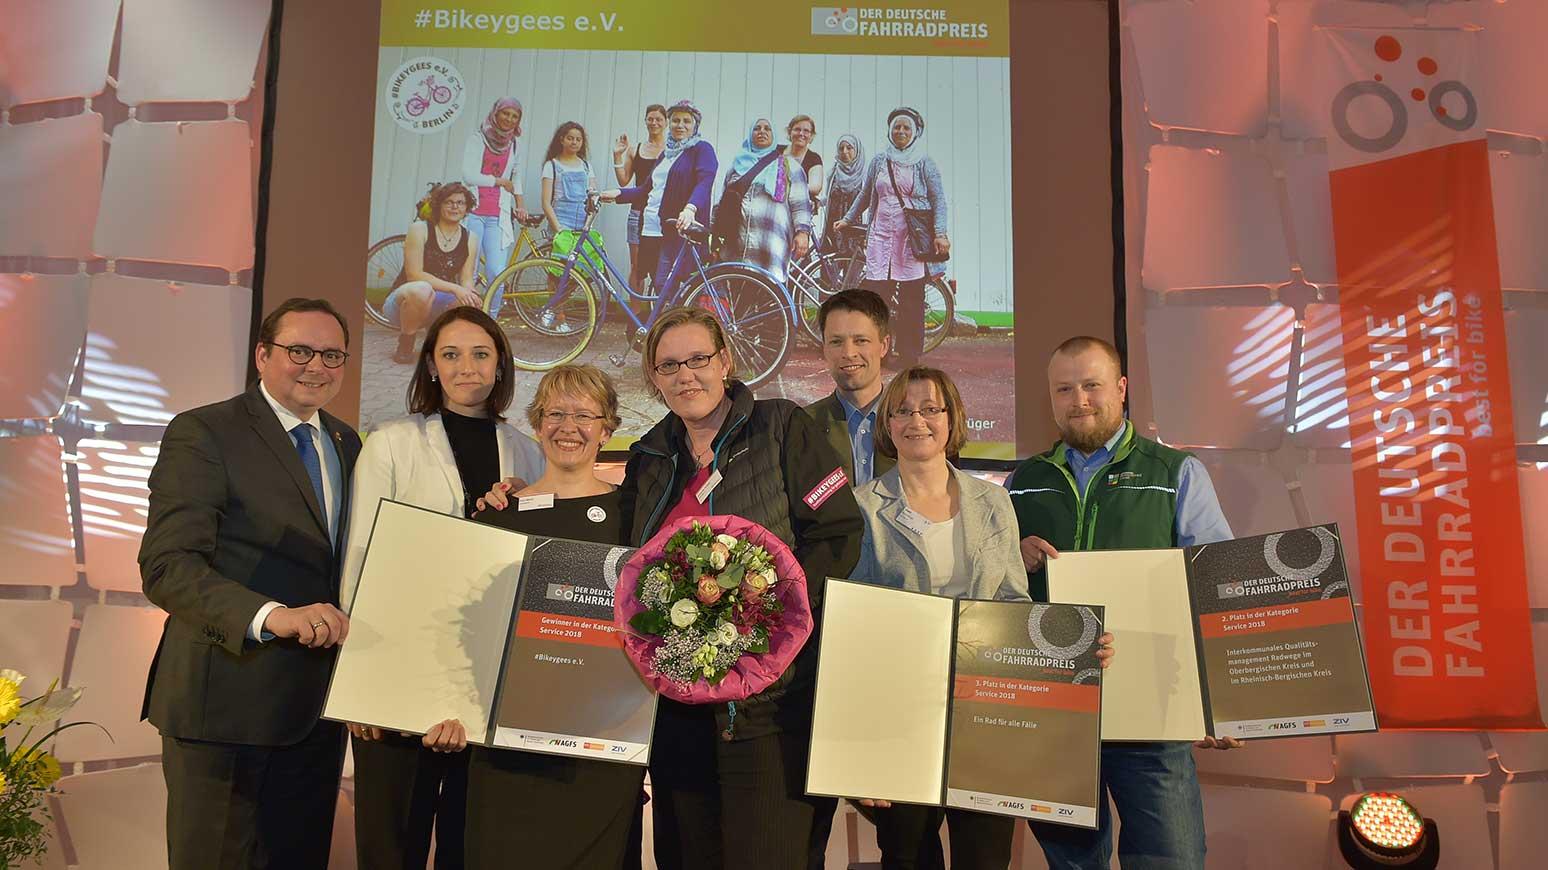 Das Projekt #Bikeygees verhilft geflüchteten Frauen durchs Radfahren zu Mobilität